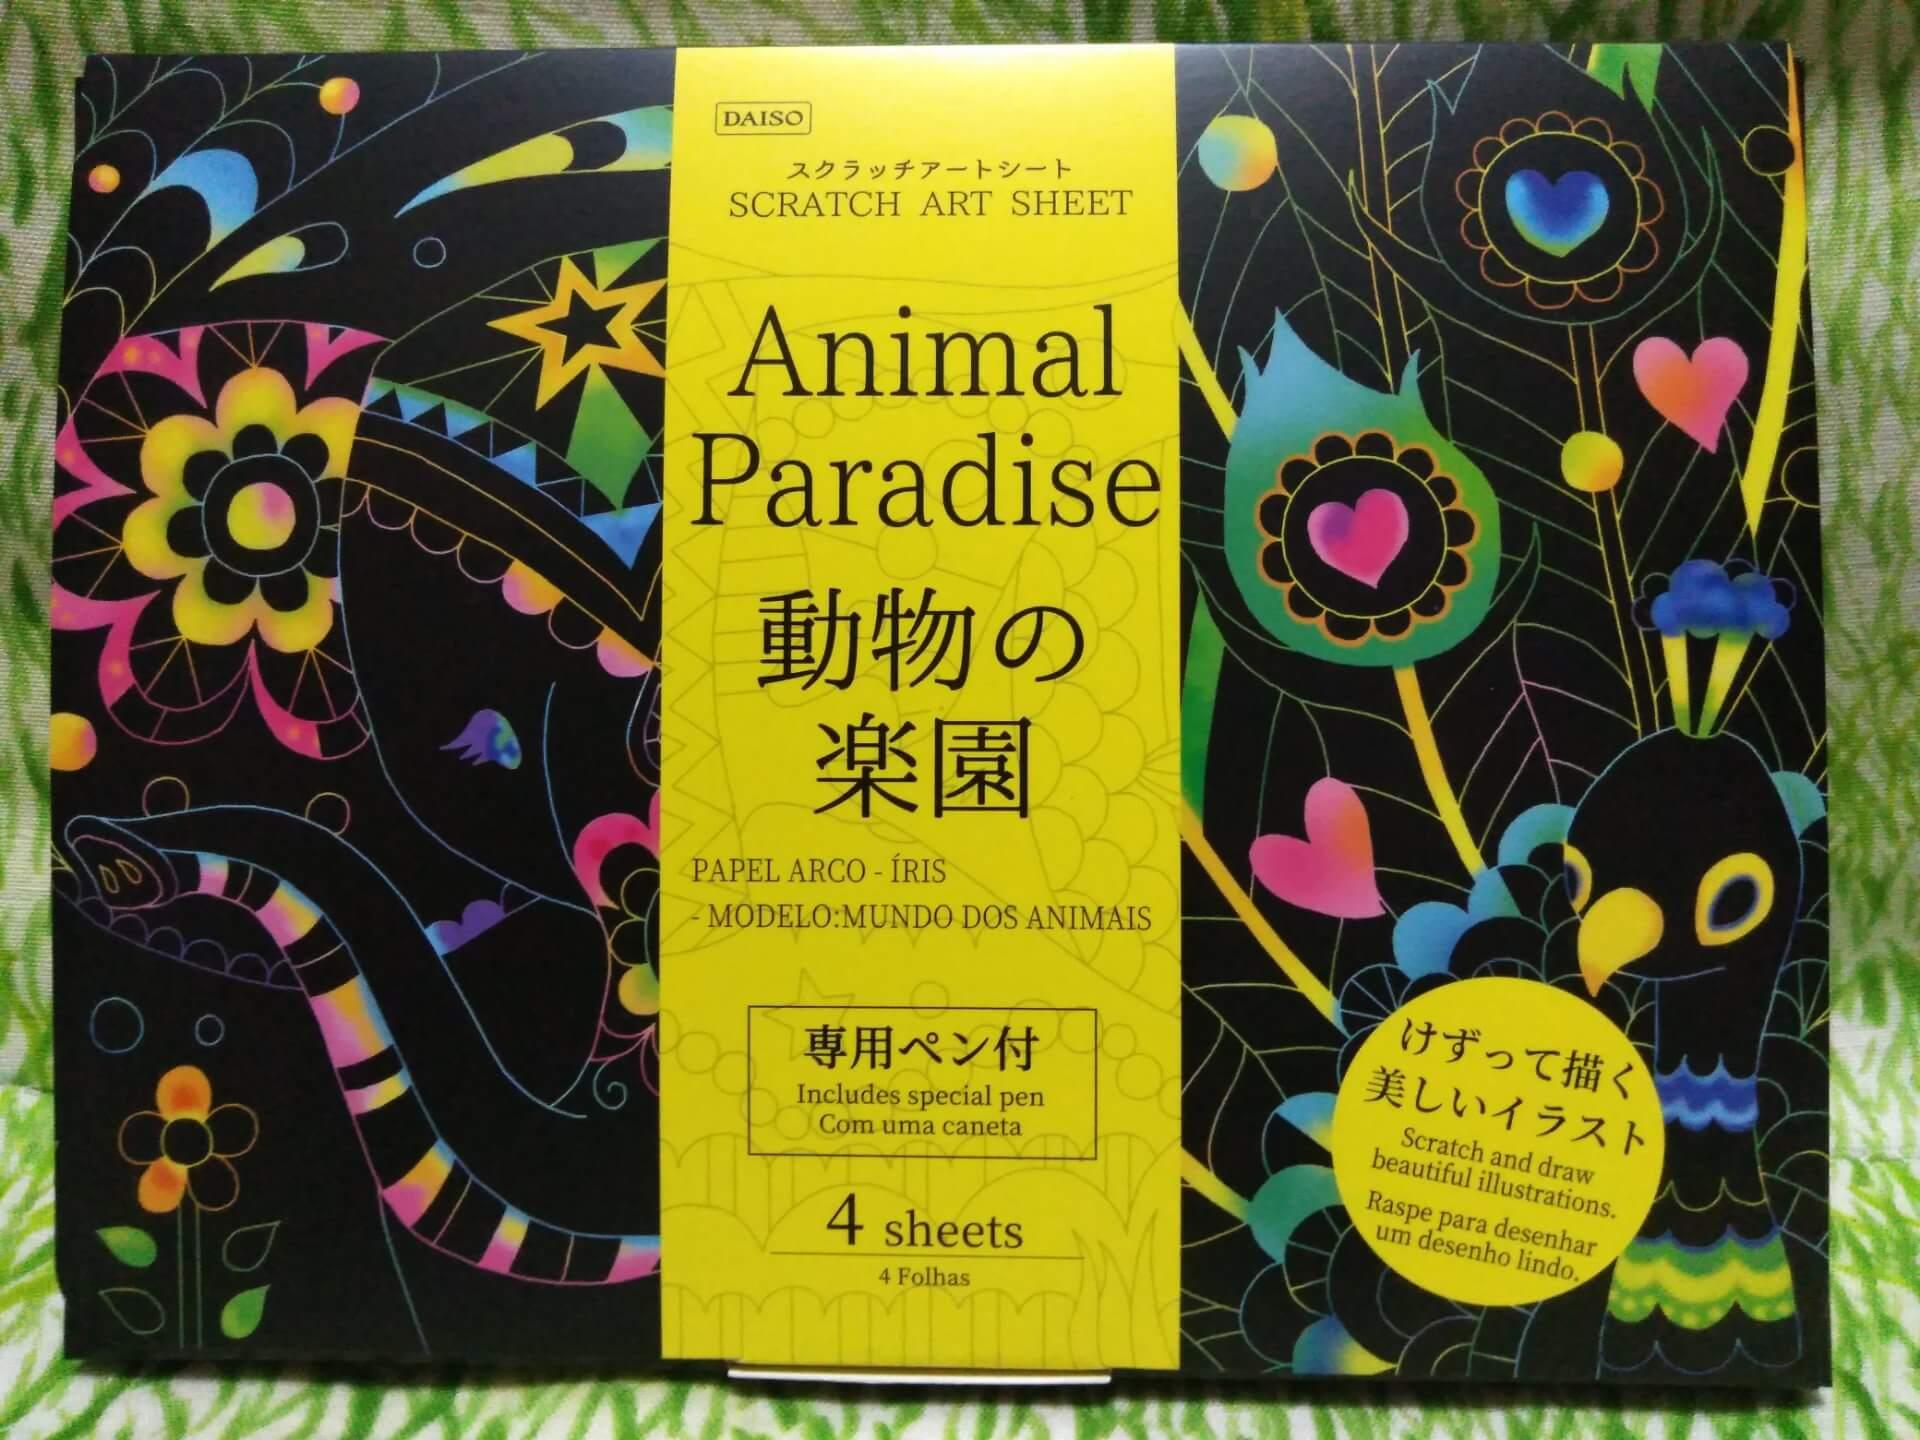 ダイソー 動物の楽園